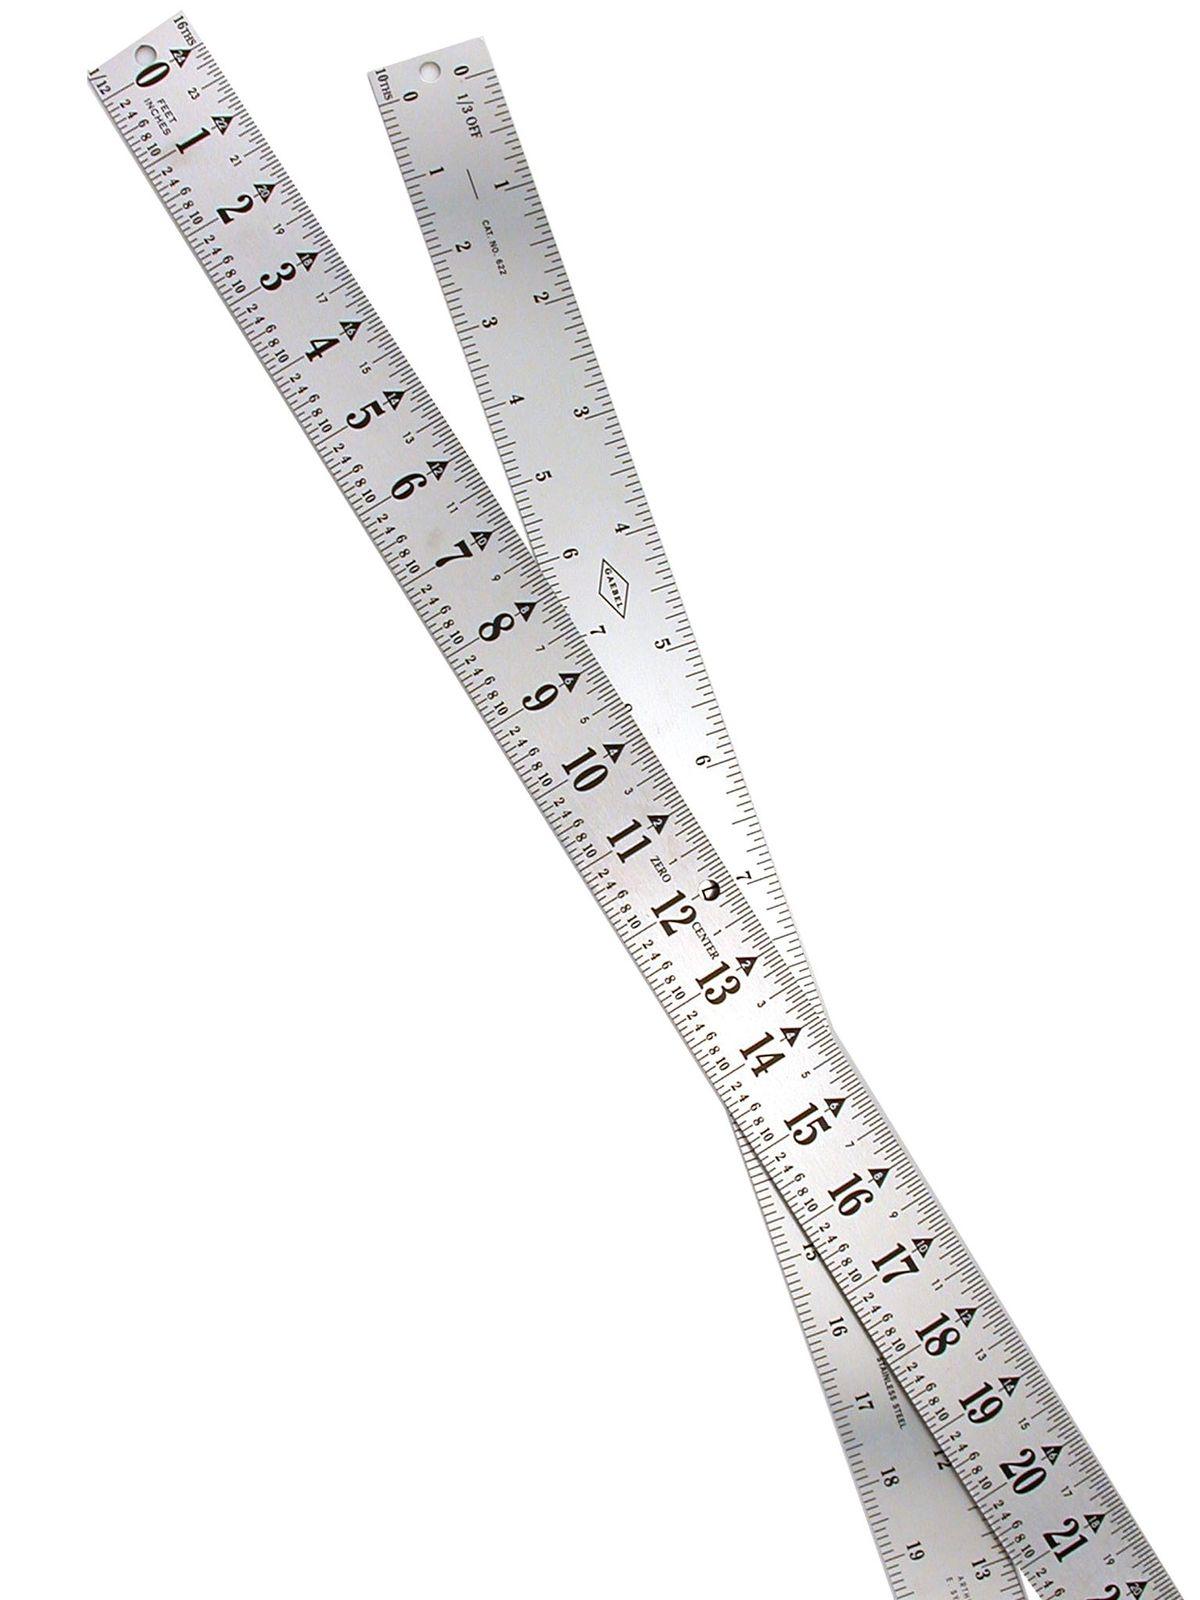 Series 622 Scaling Ruler